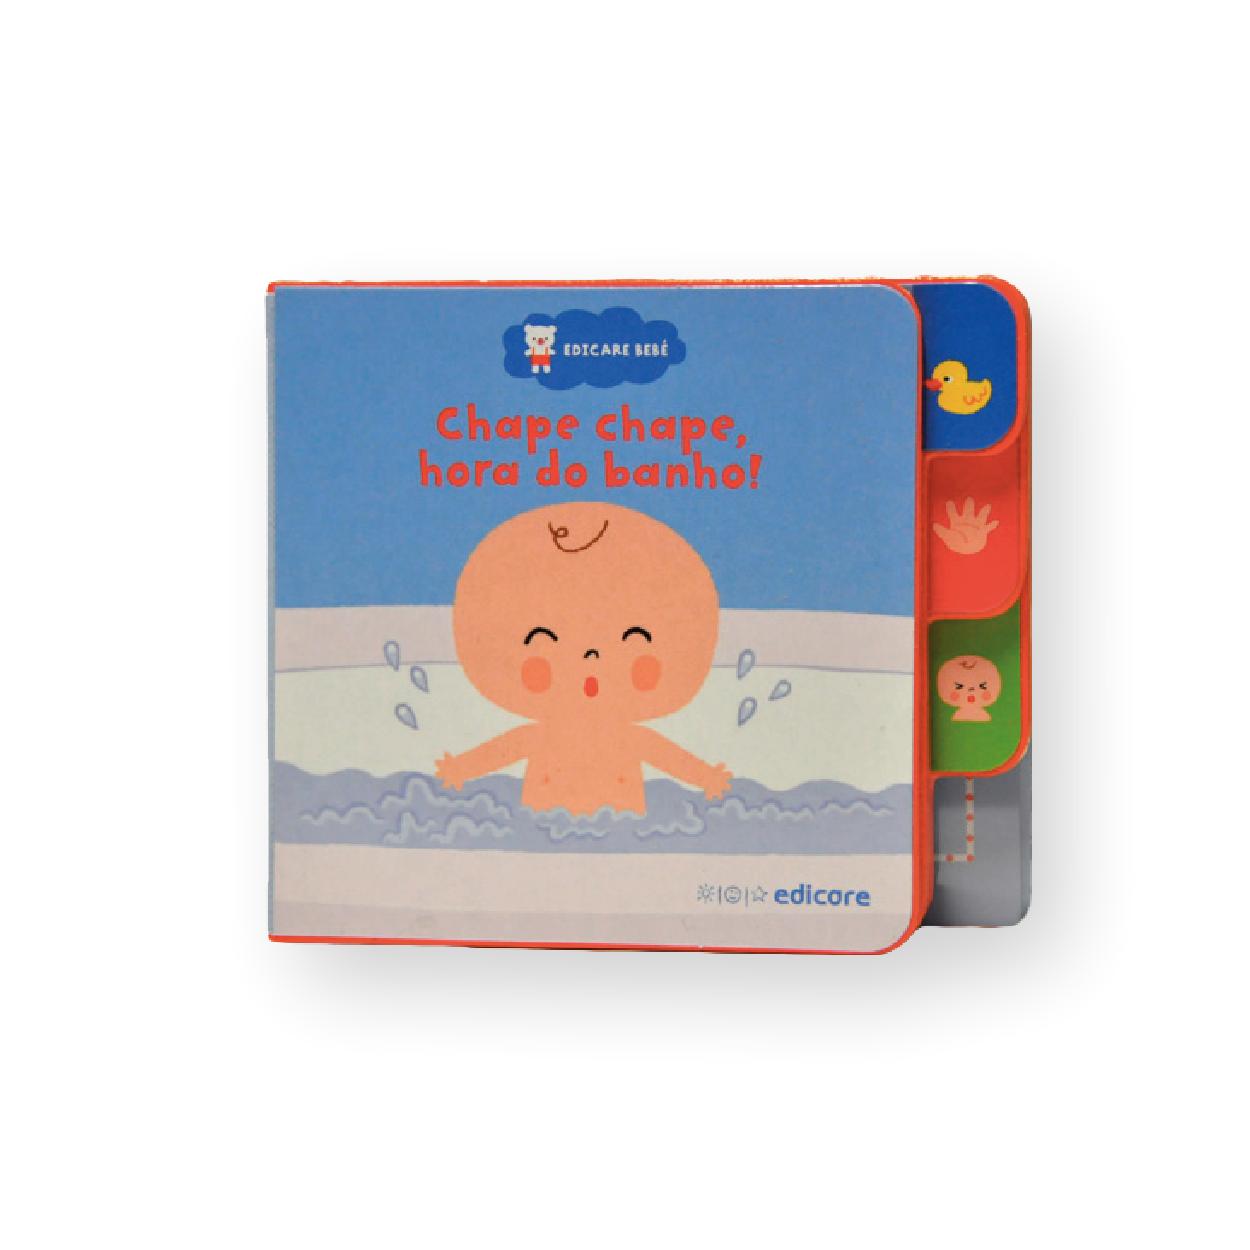 Edicare Bebe | Chape Chape Hora Do Banho